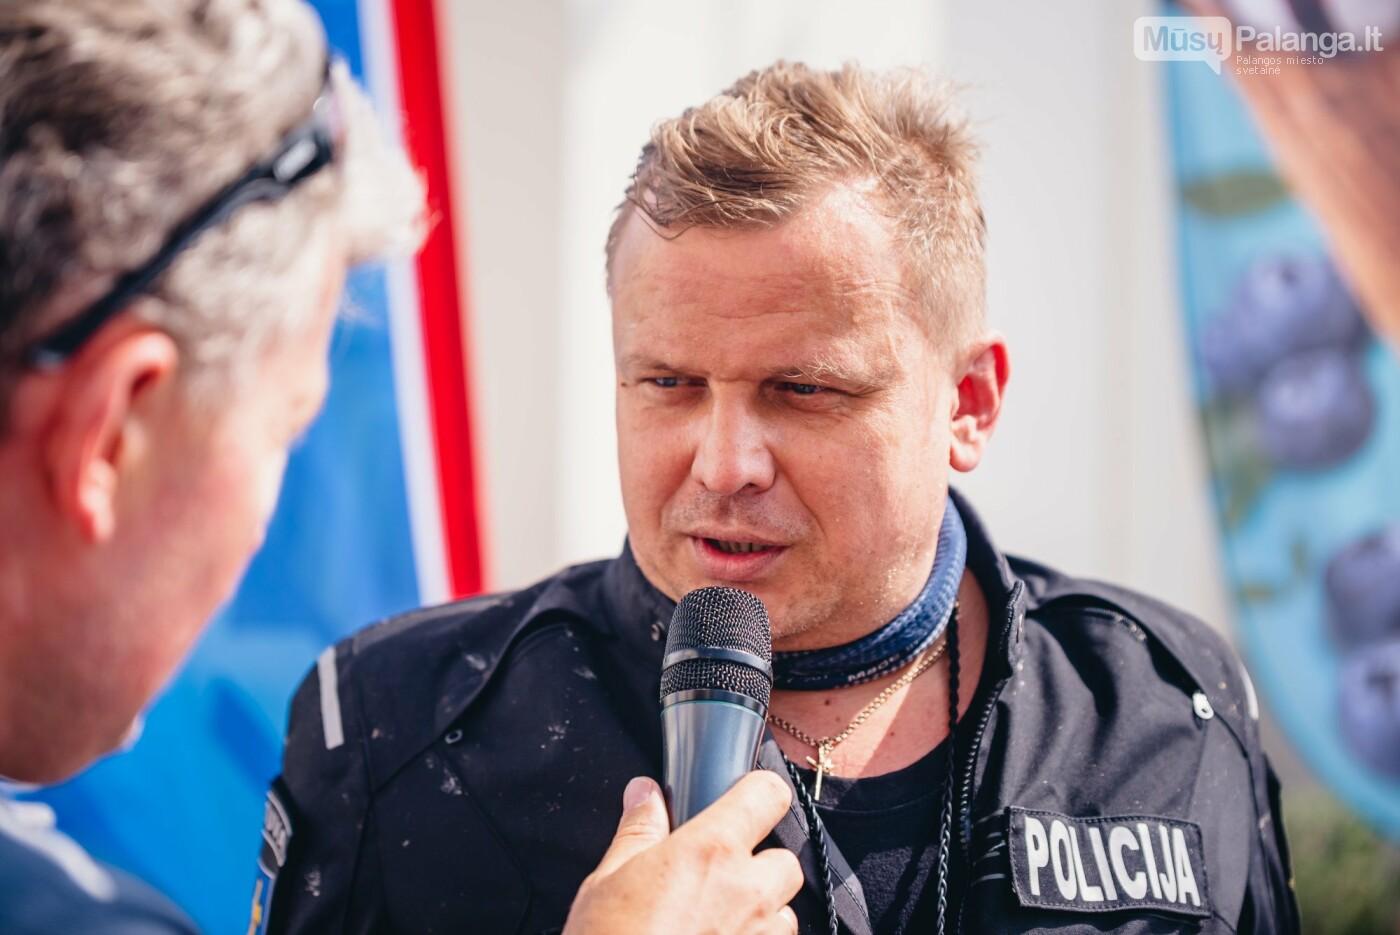 """2022-ųjų liepos vidury Palangą drebins 23-osios """"Aurum 1006 km lenktynės"""", nuotrauka-11, Vytauto PILKAUSKO nuotr."""